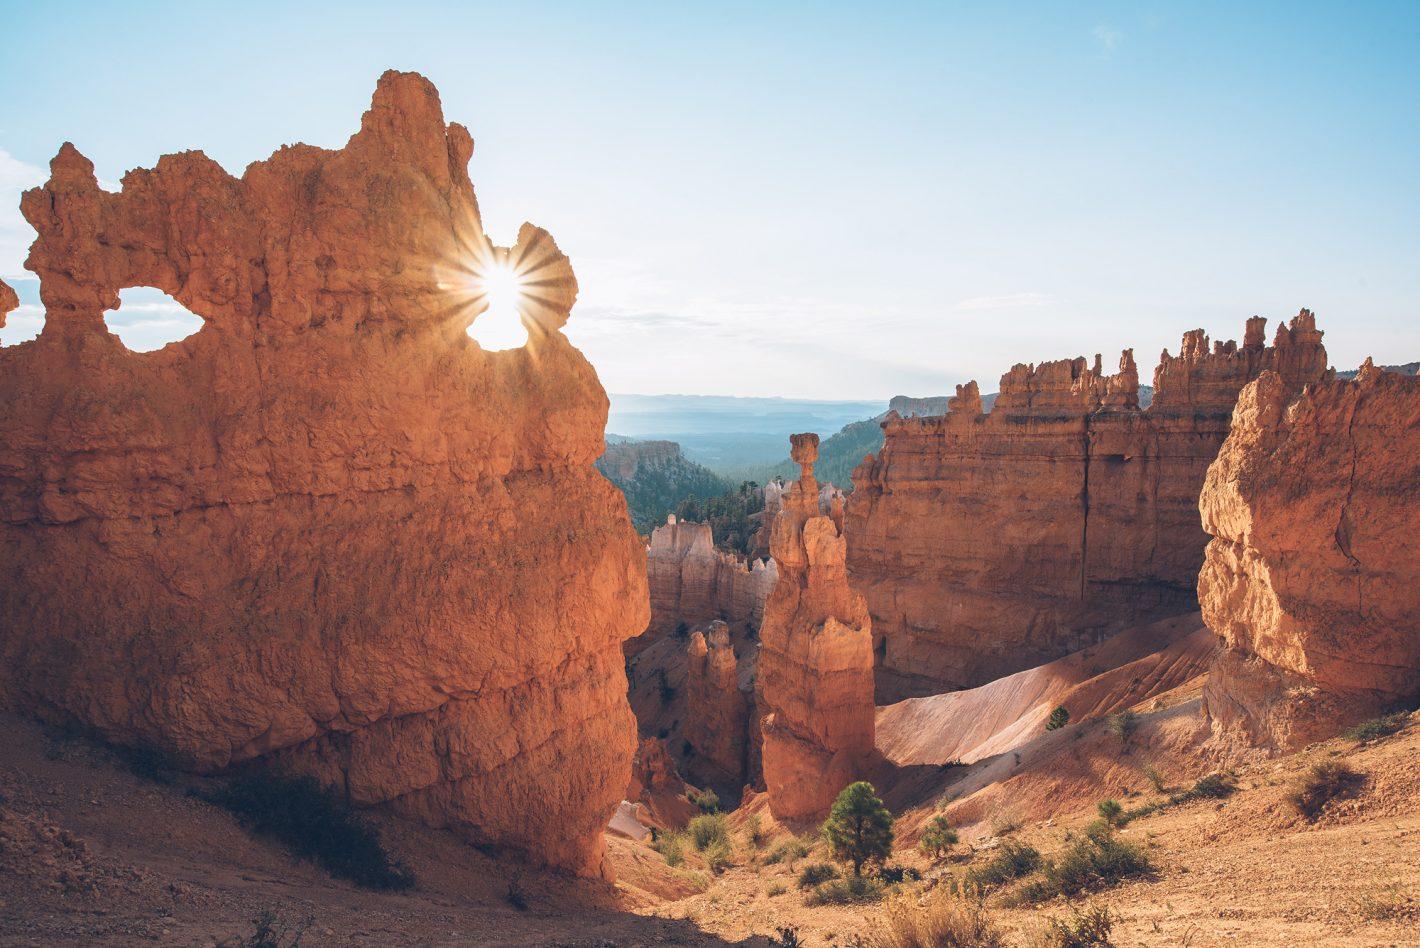 L'INSPIRATION VOYAGE DES BESTJOBERS N°2 : ÉCHAPPÉES DANS LE GRAND OUEST AMÉRICAIN - Bryce Canyon